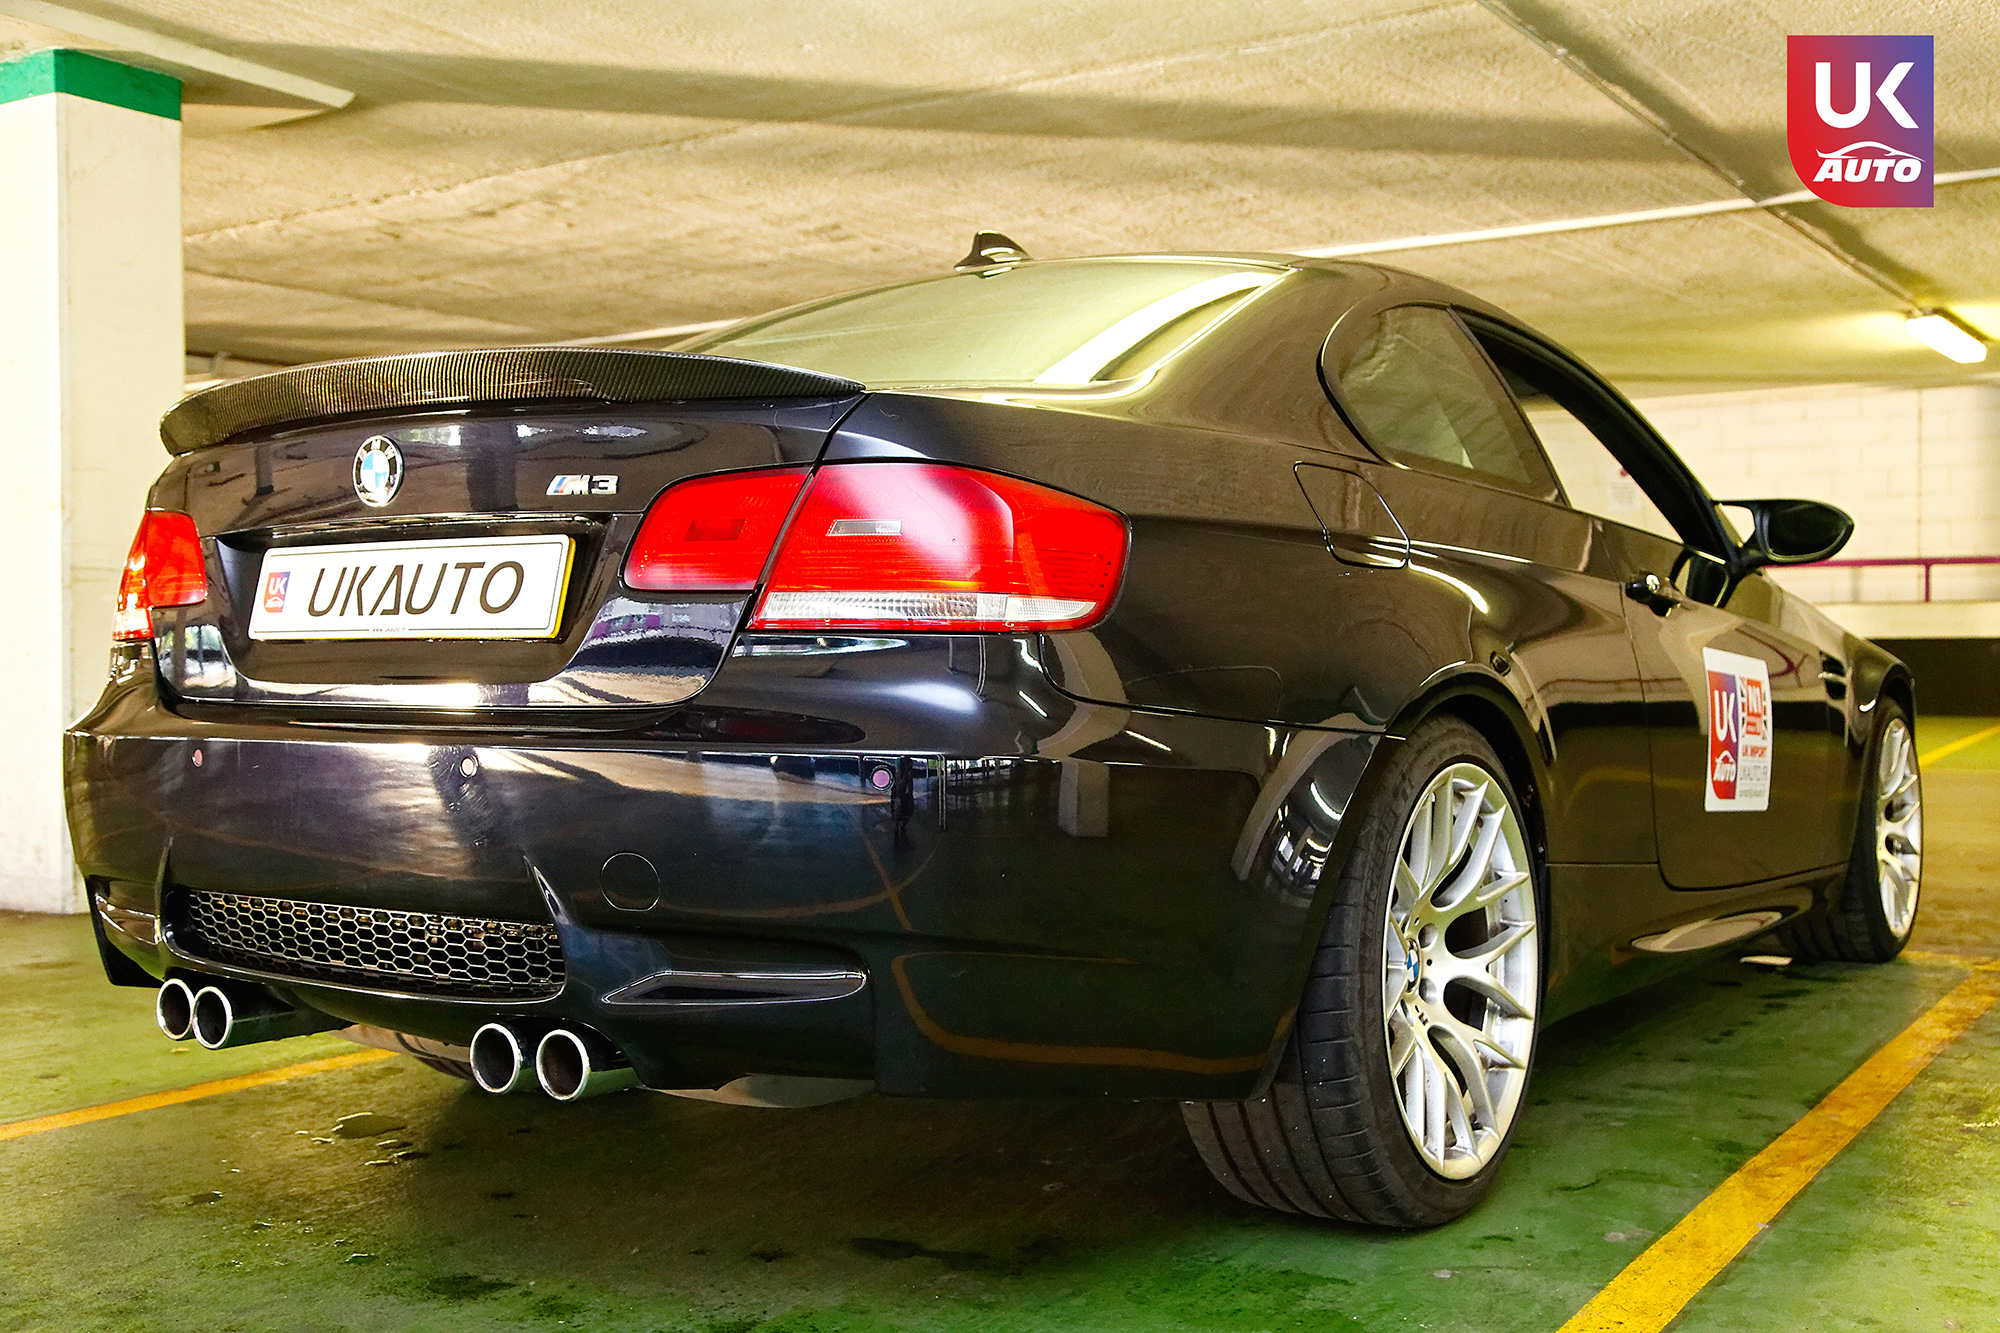 BMW m3 rhd ukauto importer voiture angleterre uk1 - Felecitation a Sylvain Pour cette BMW M3 E92 RHD pour avoir acheter une voiture en angleterre avant le brexit